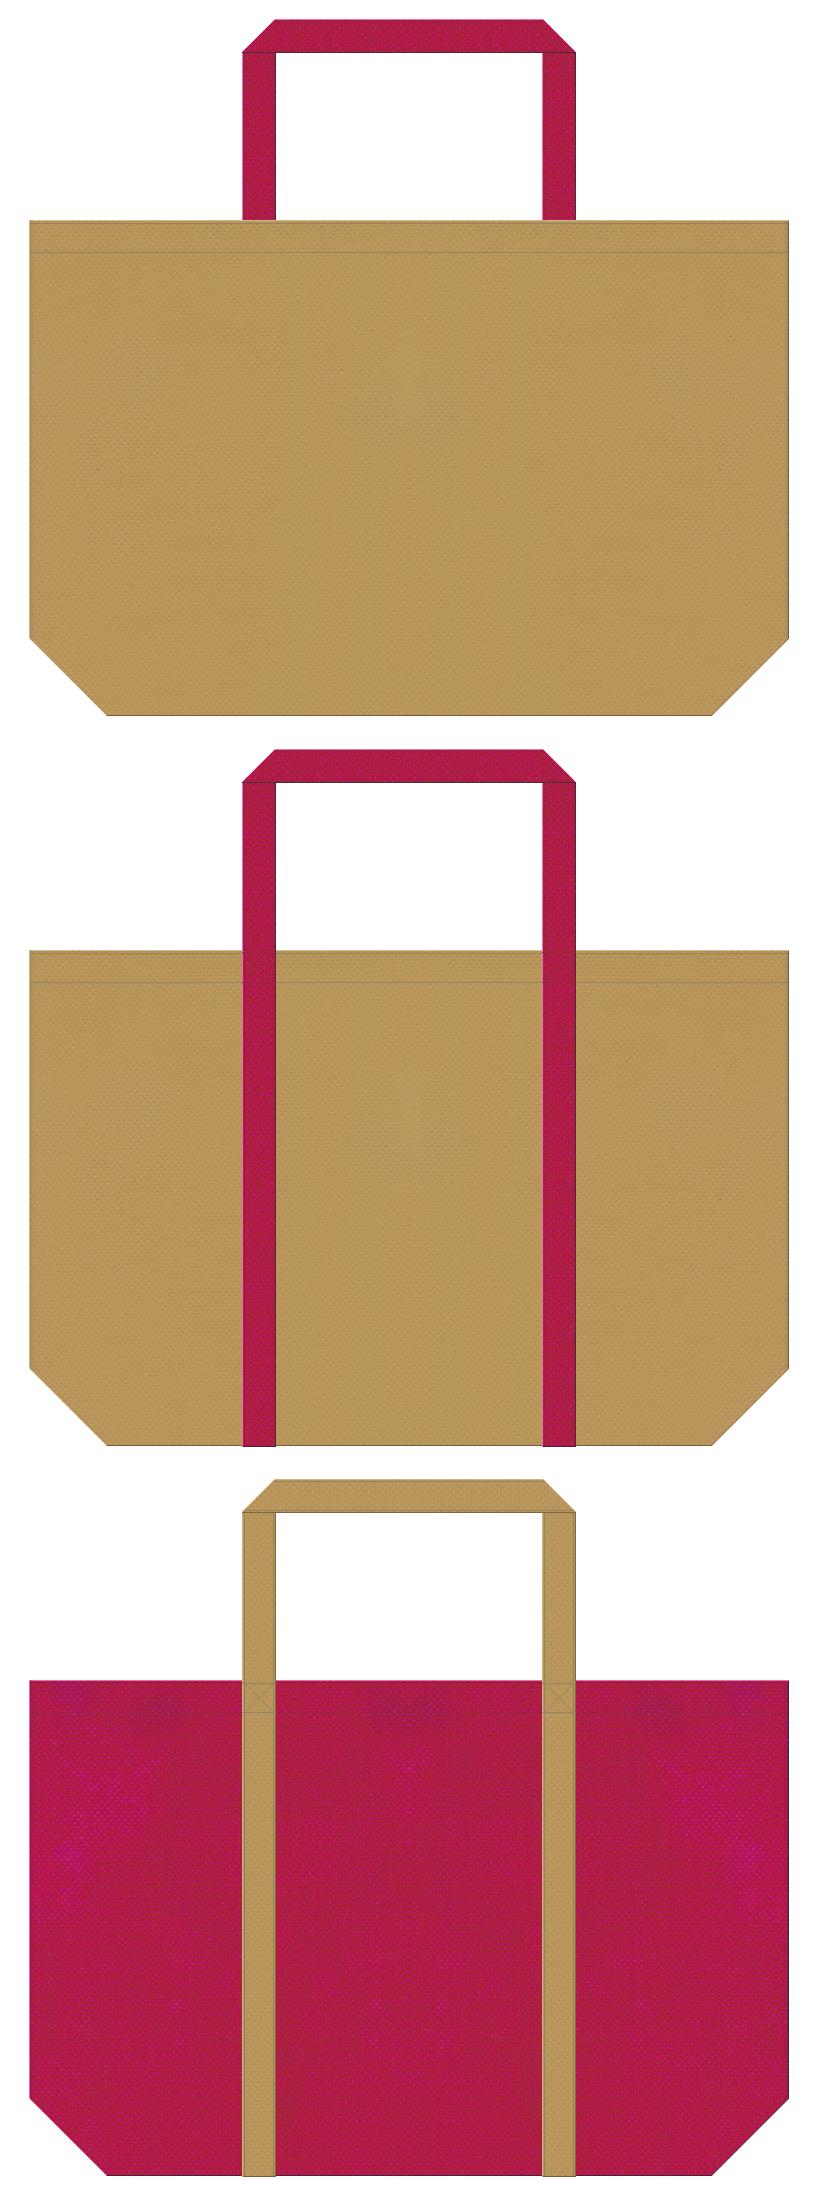 ハワイアン・アロハシャツ・南国・トロピカル・トラベルバッグ・リゾートのショッピングバッグにお奨めの不織布バッグデザイン:金黄土色と濃いピンク色のコーデ